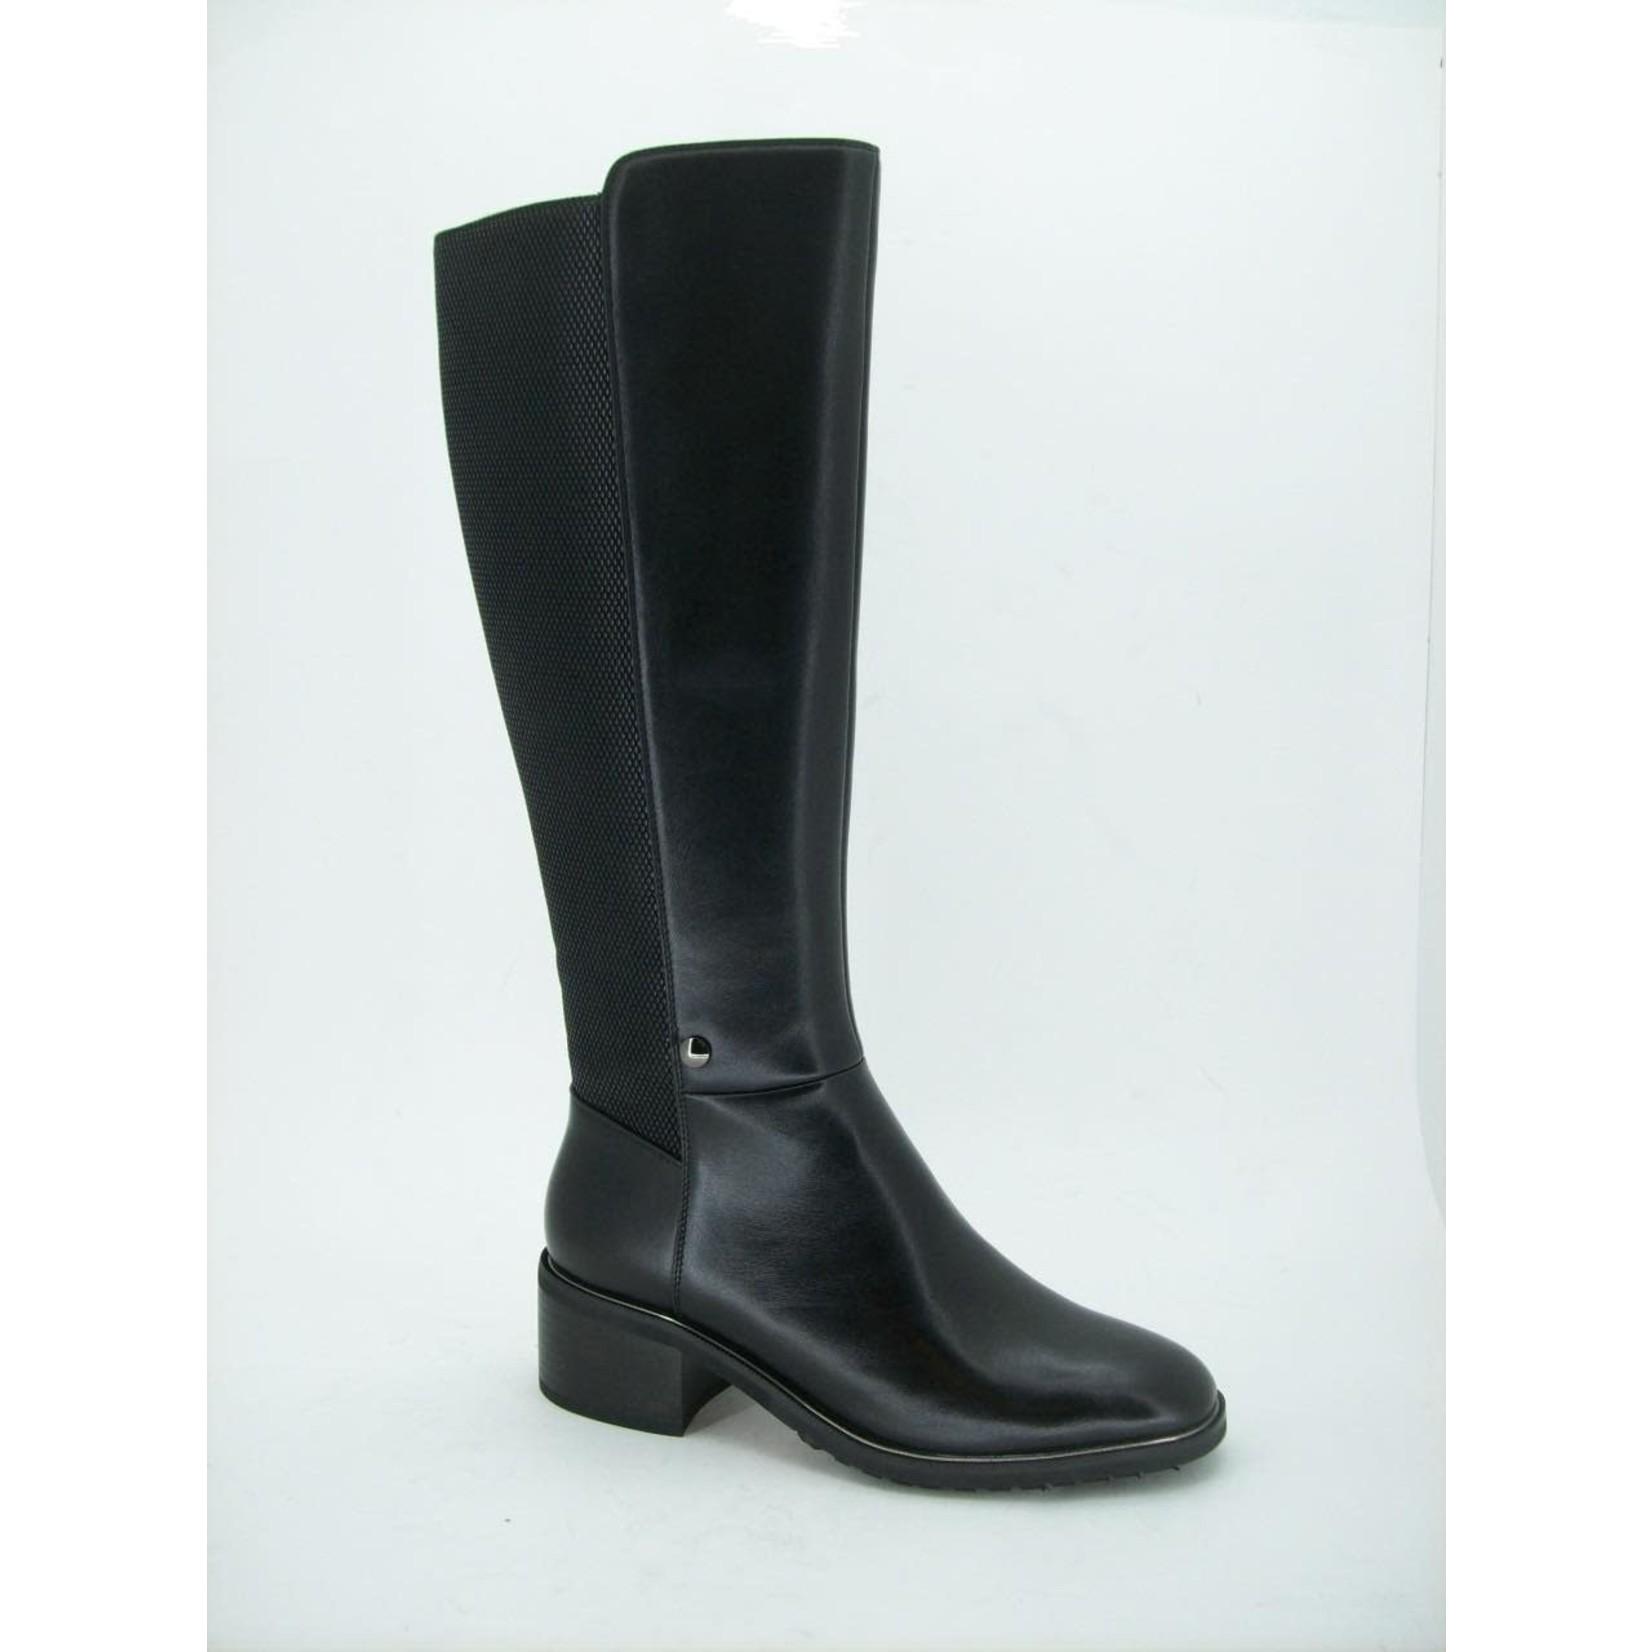 Aquaflex River Boot Black